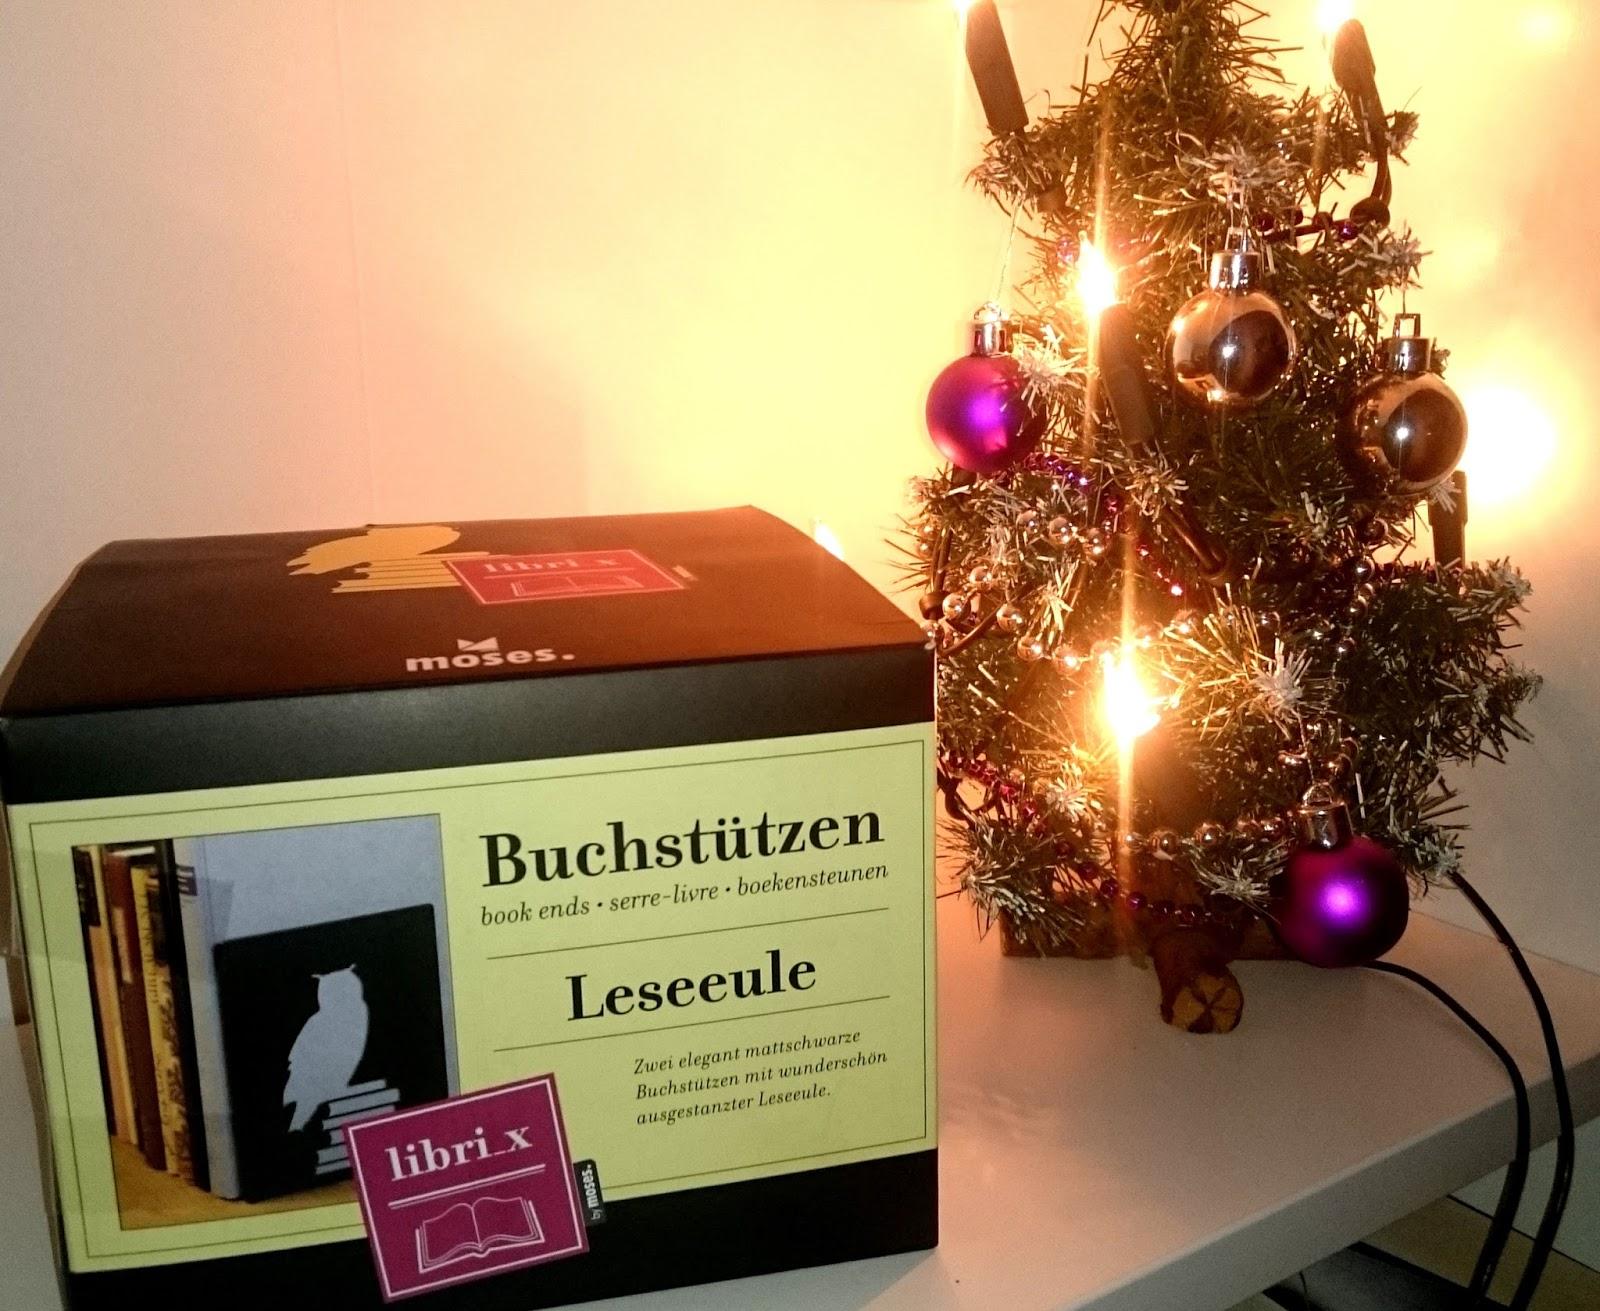 Ich Wünsche Dir Frohe Weihnachten Französisch.Katja S Bücherwelt Gewinnspiel Frohe Weihnachten